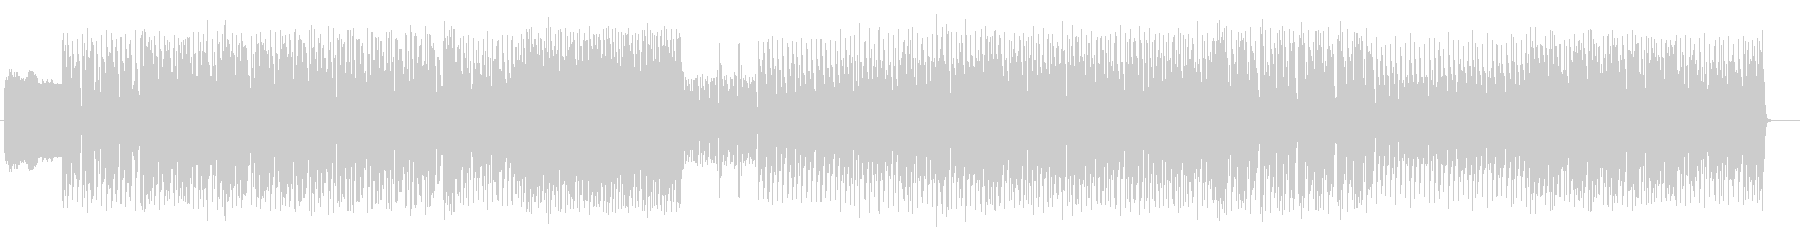 リズムが楽しいデジロックの未再生の波形